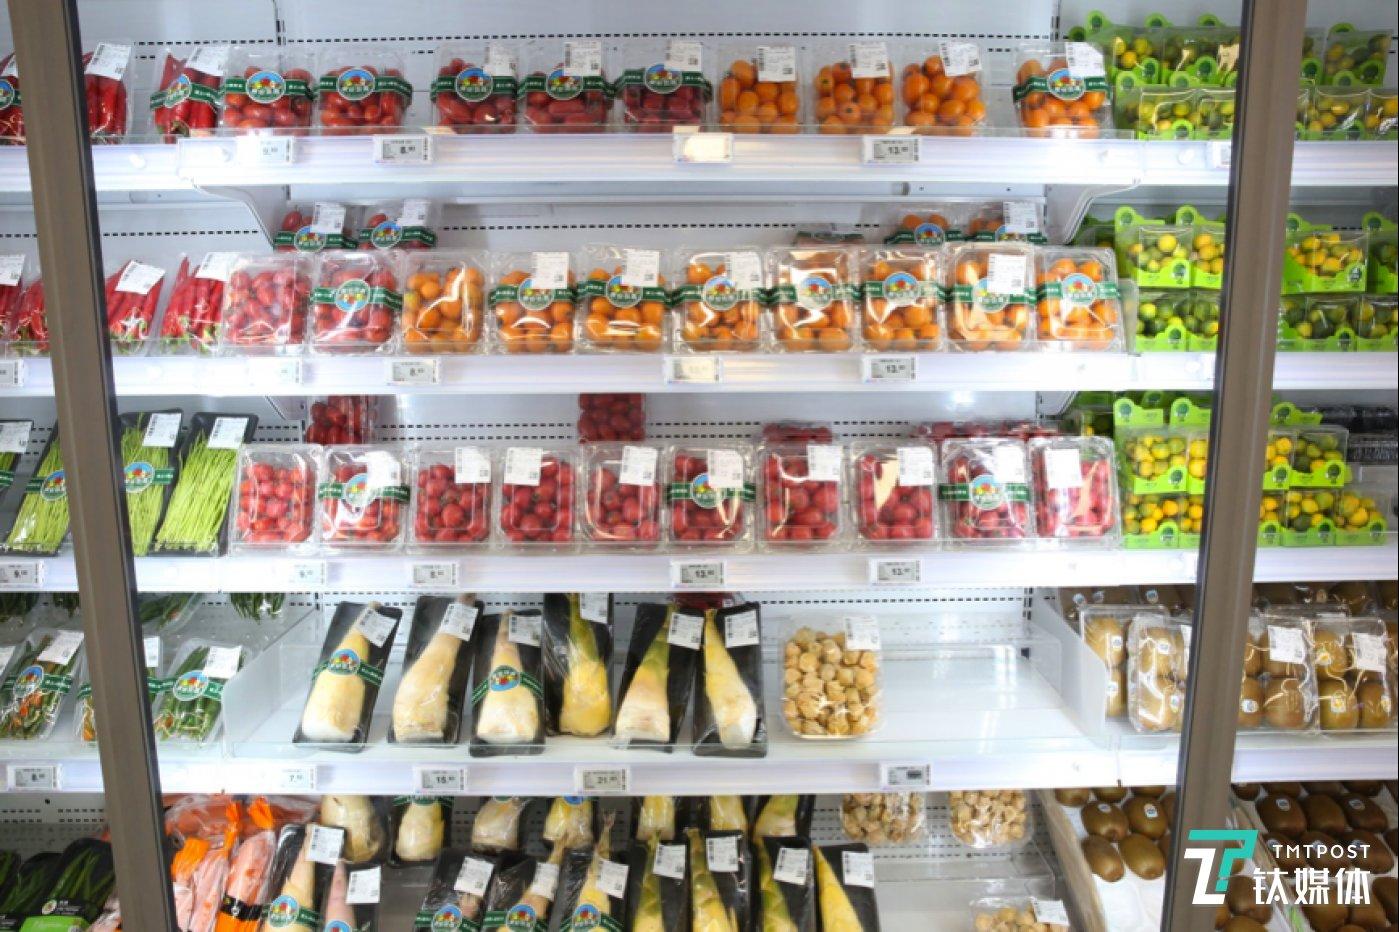 散称商品大部分被标准包装的货品替代